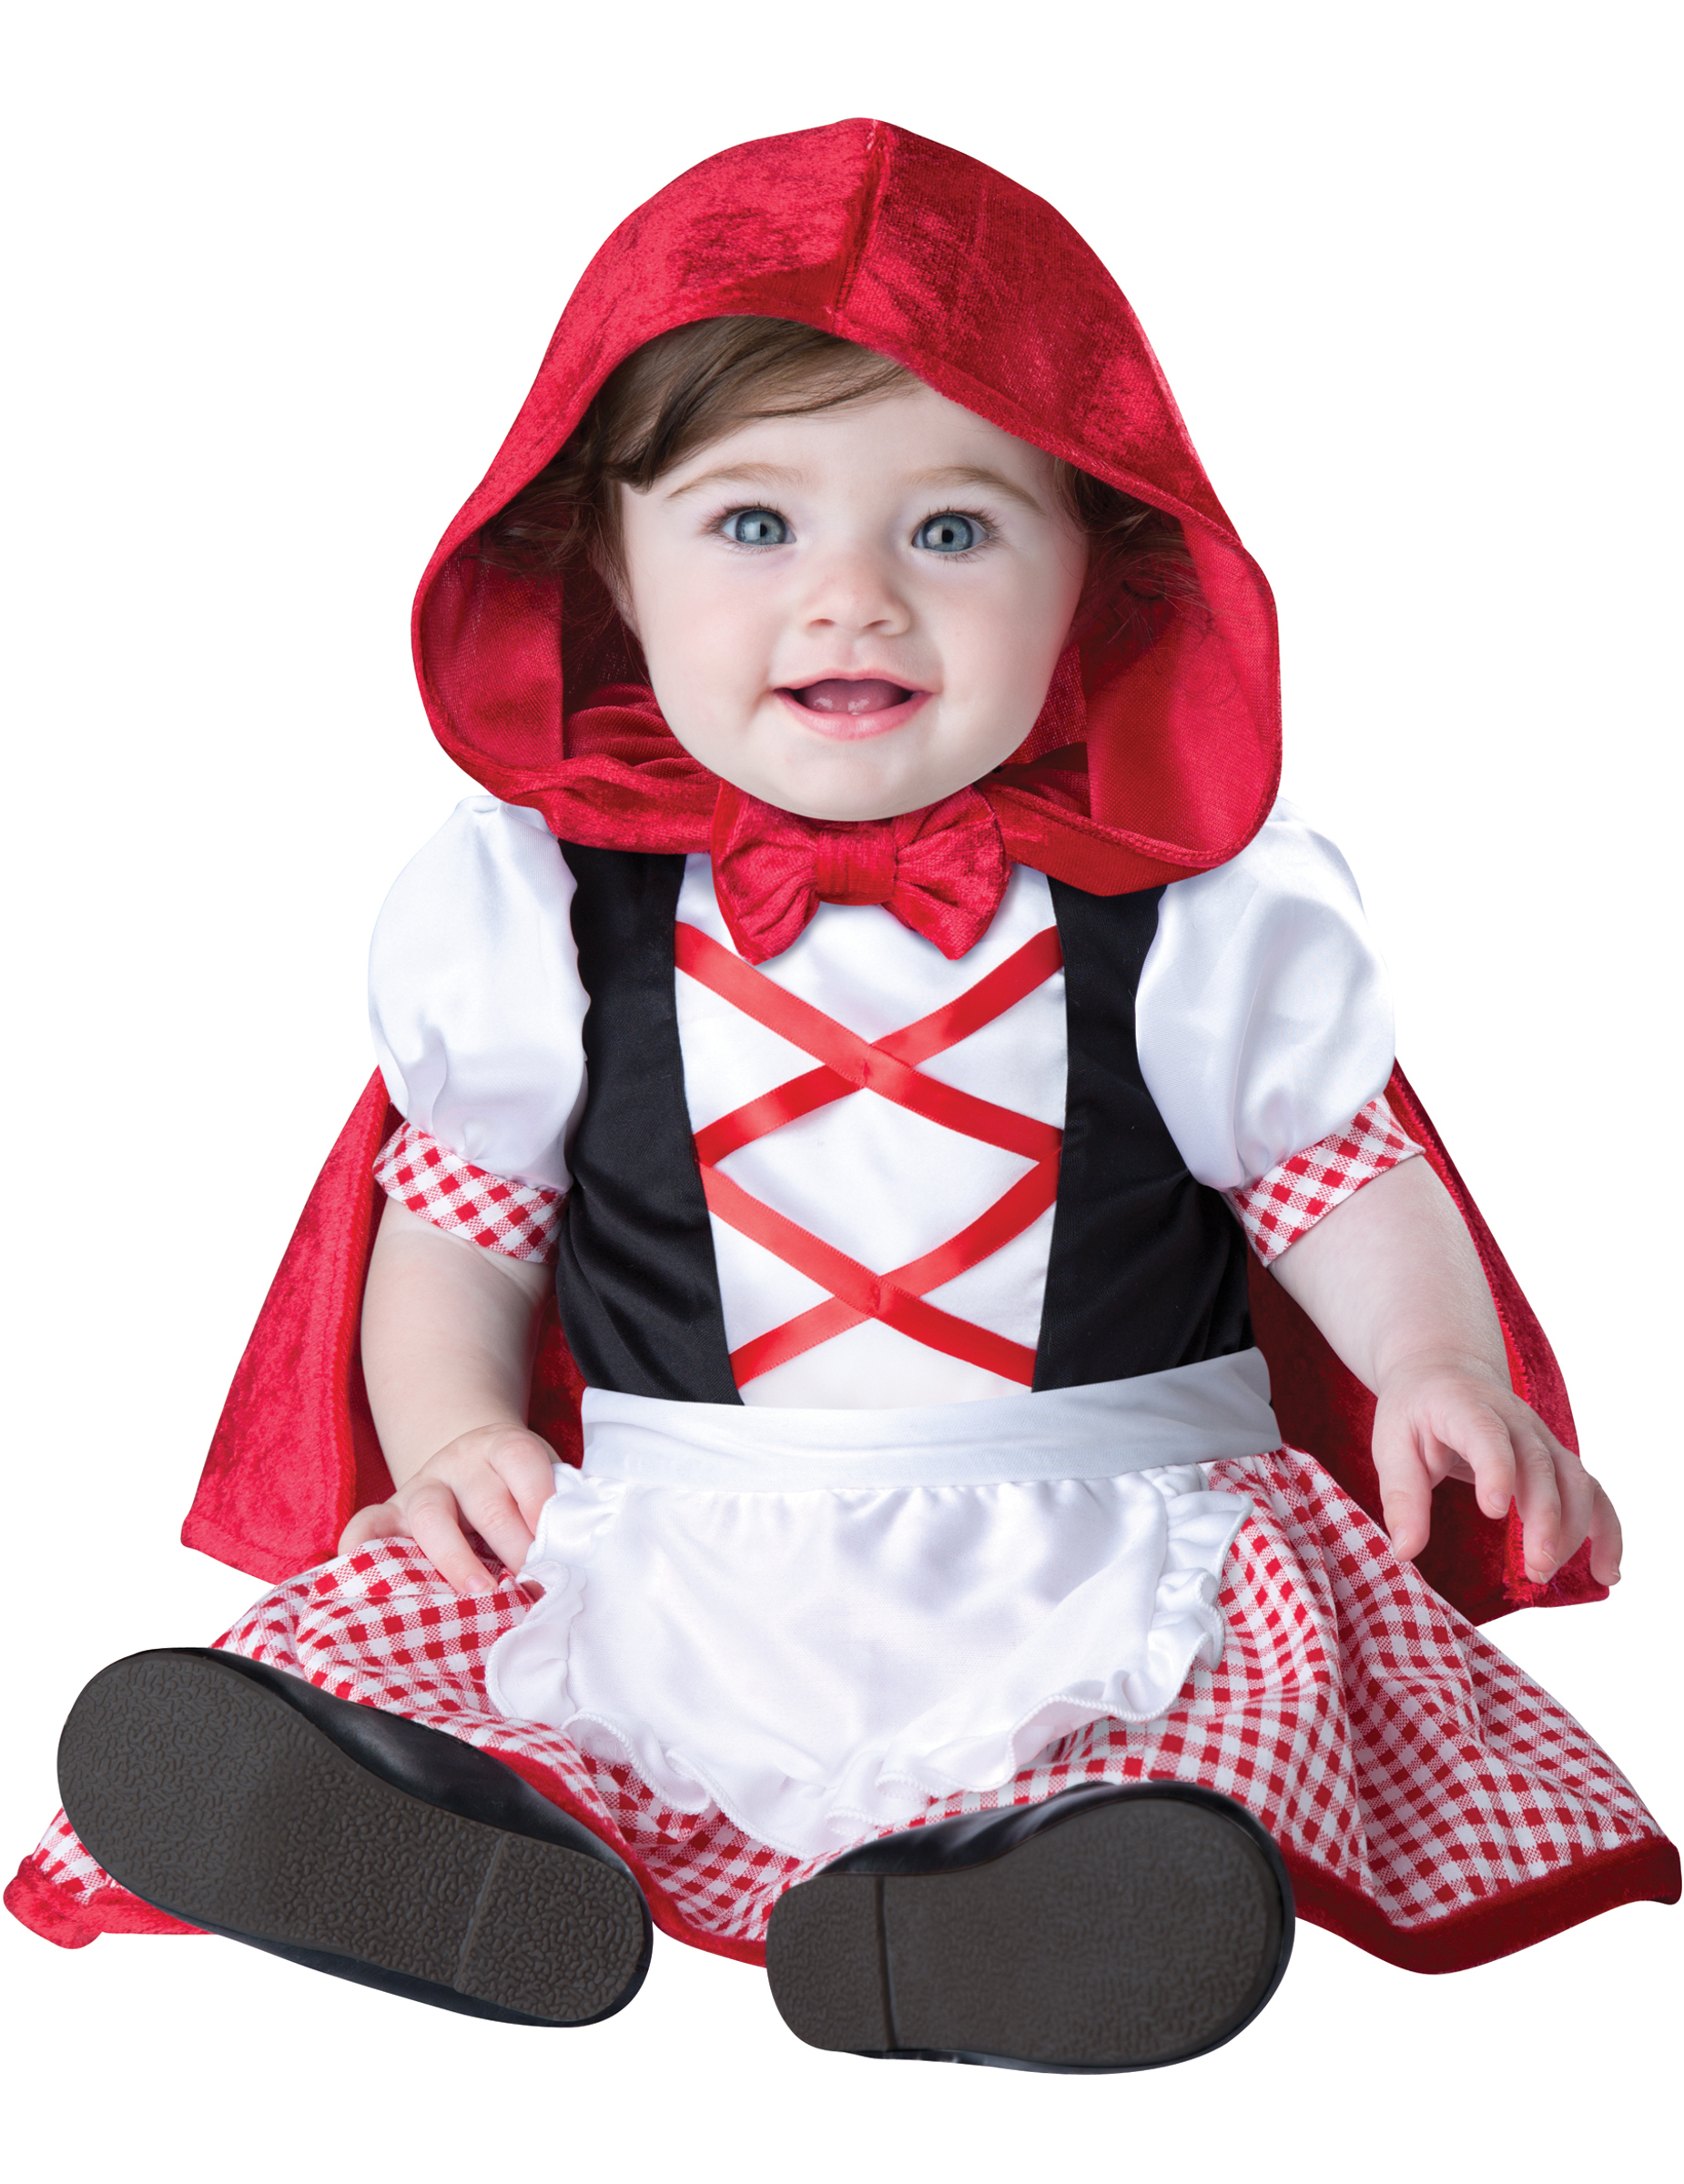 Déguisement mini chaperon rouge pour bébé - Classique   Deguise-toi ... 534e5d1216eb